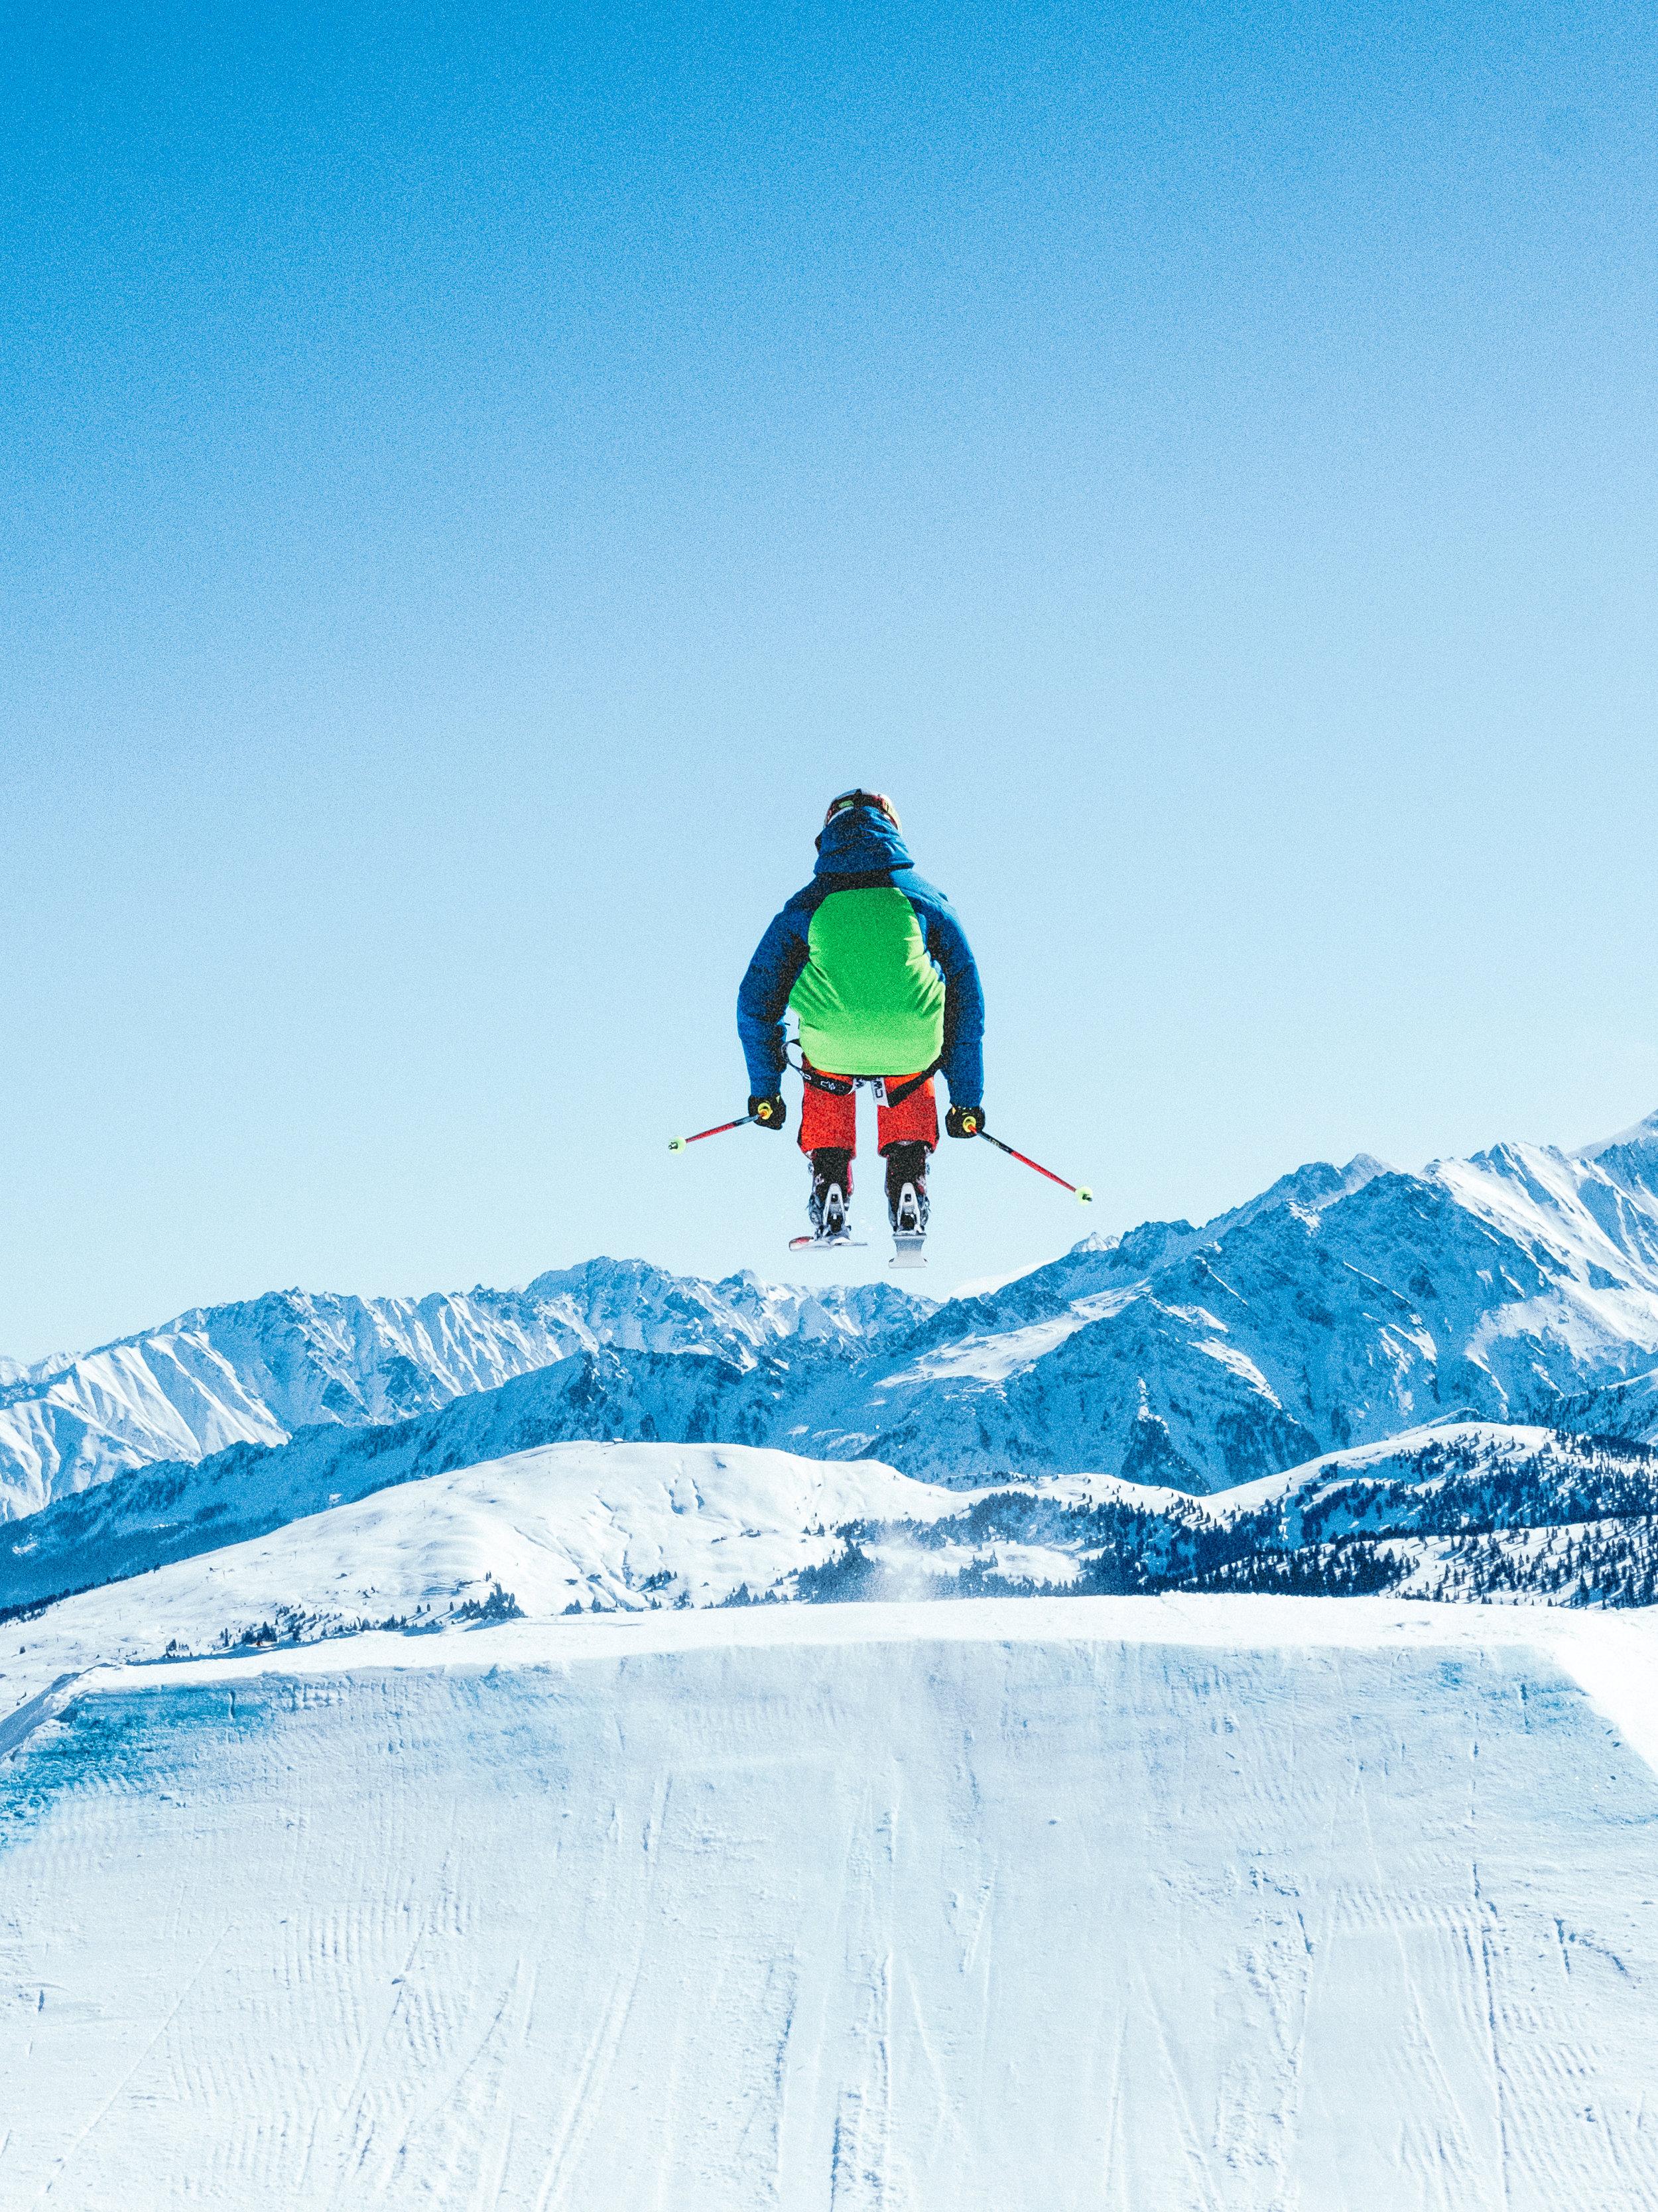 Ski condos and homes